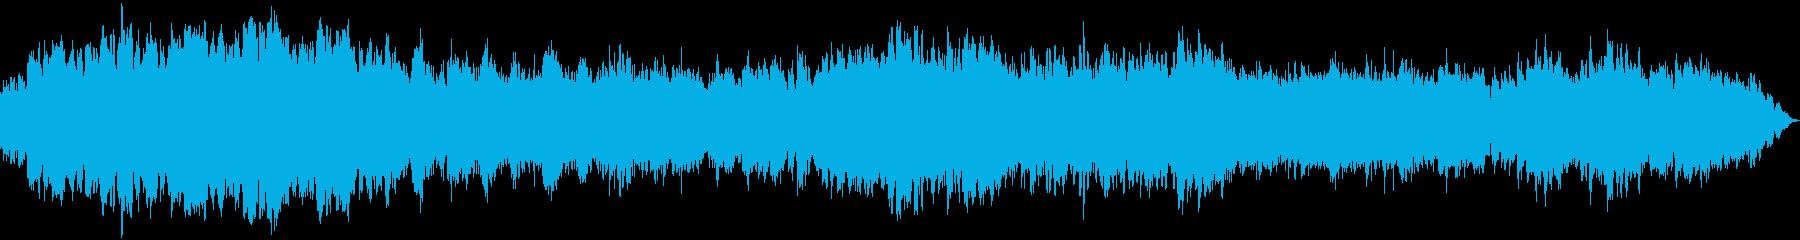 癒しの周波数 神秘的・瞑想的な曲の再生済みの波形